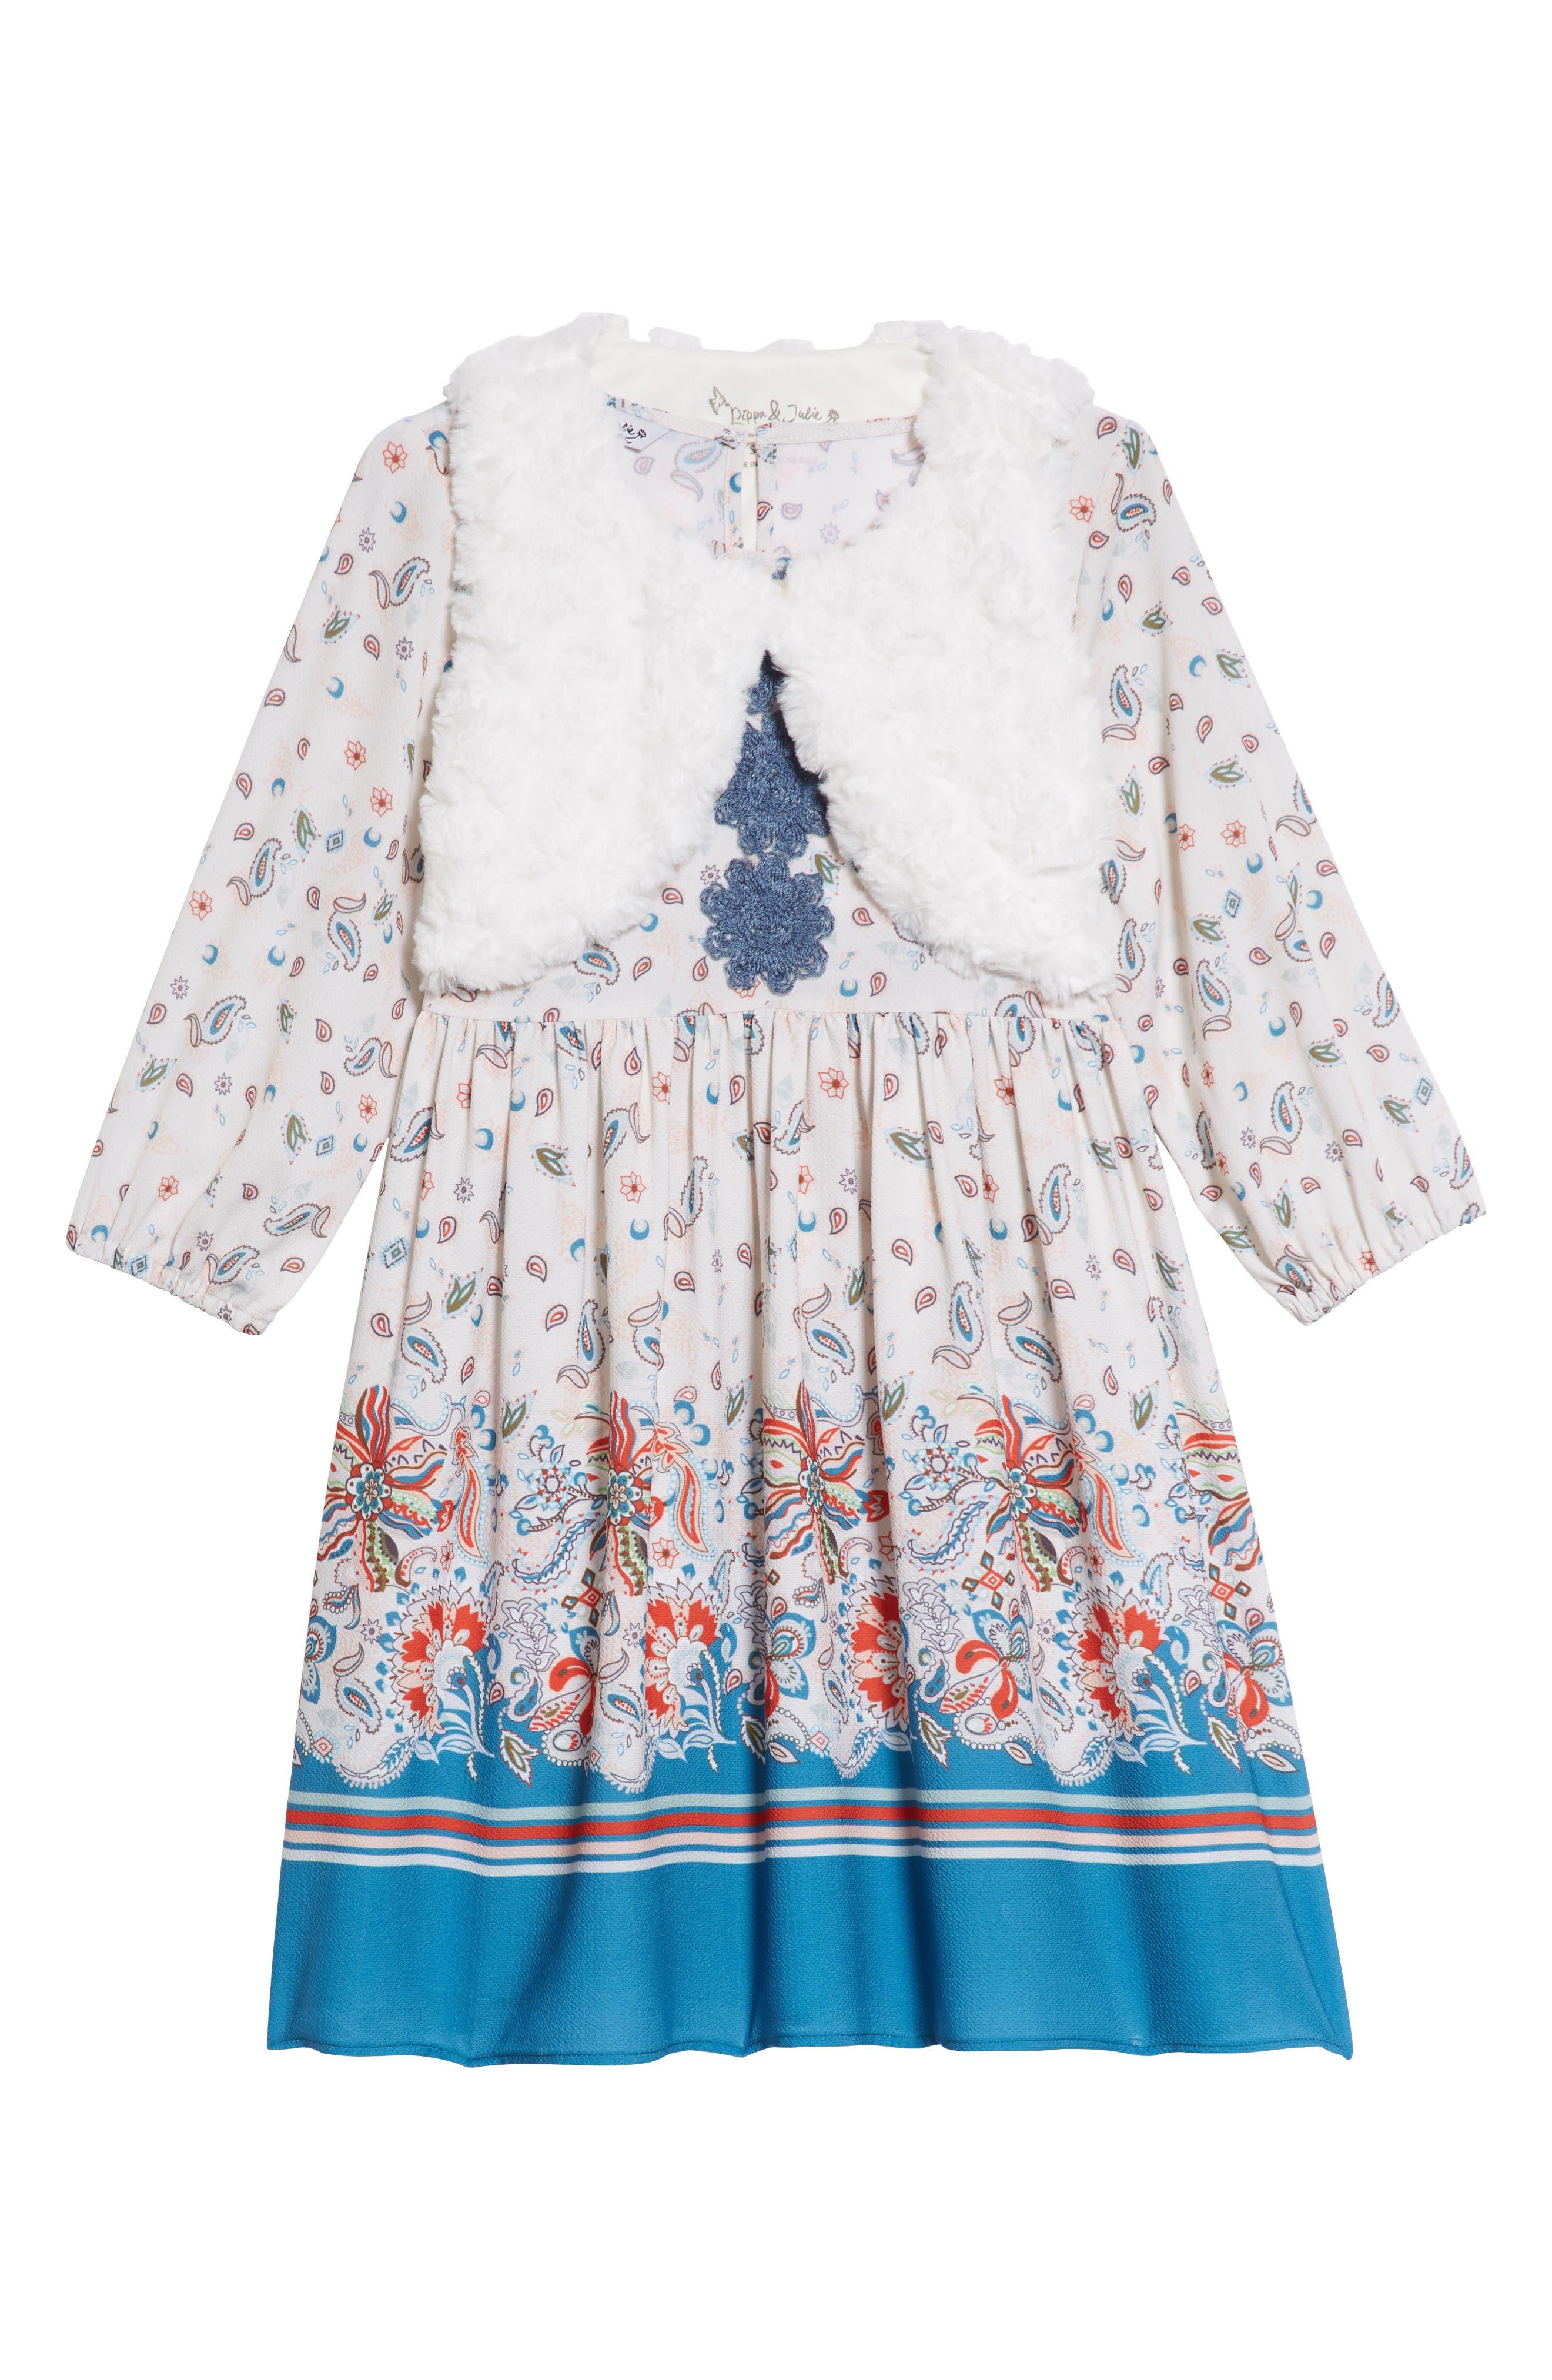 PIPPA & JULIE, Boho Paisley Dress & Faux Fur Vest Set, Main thumbnail 1, color, 900